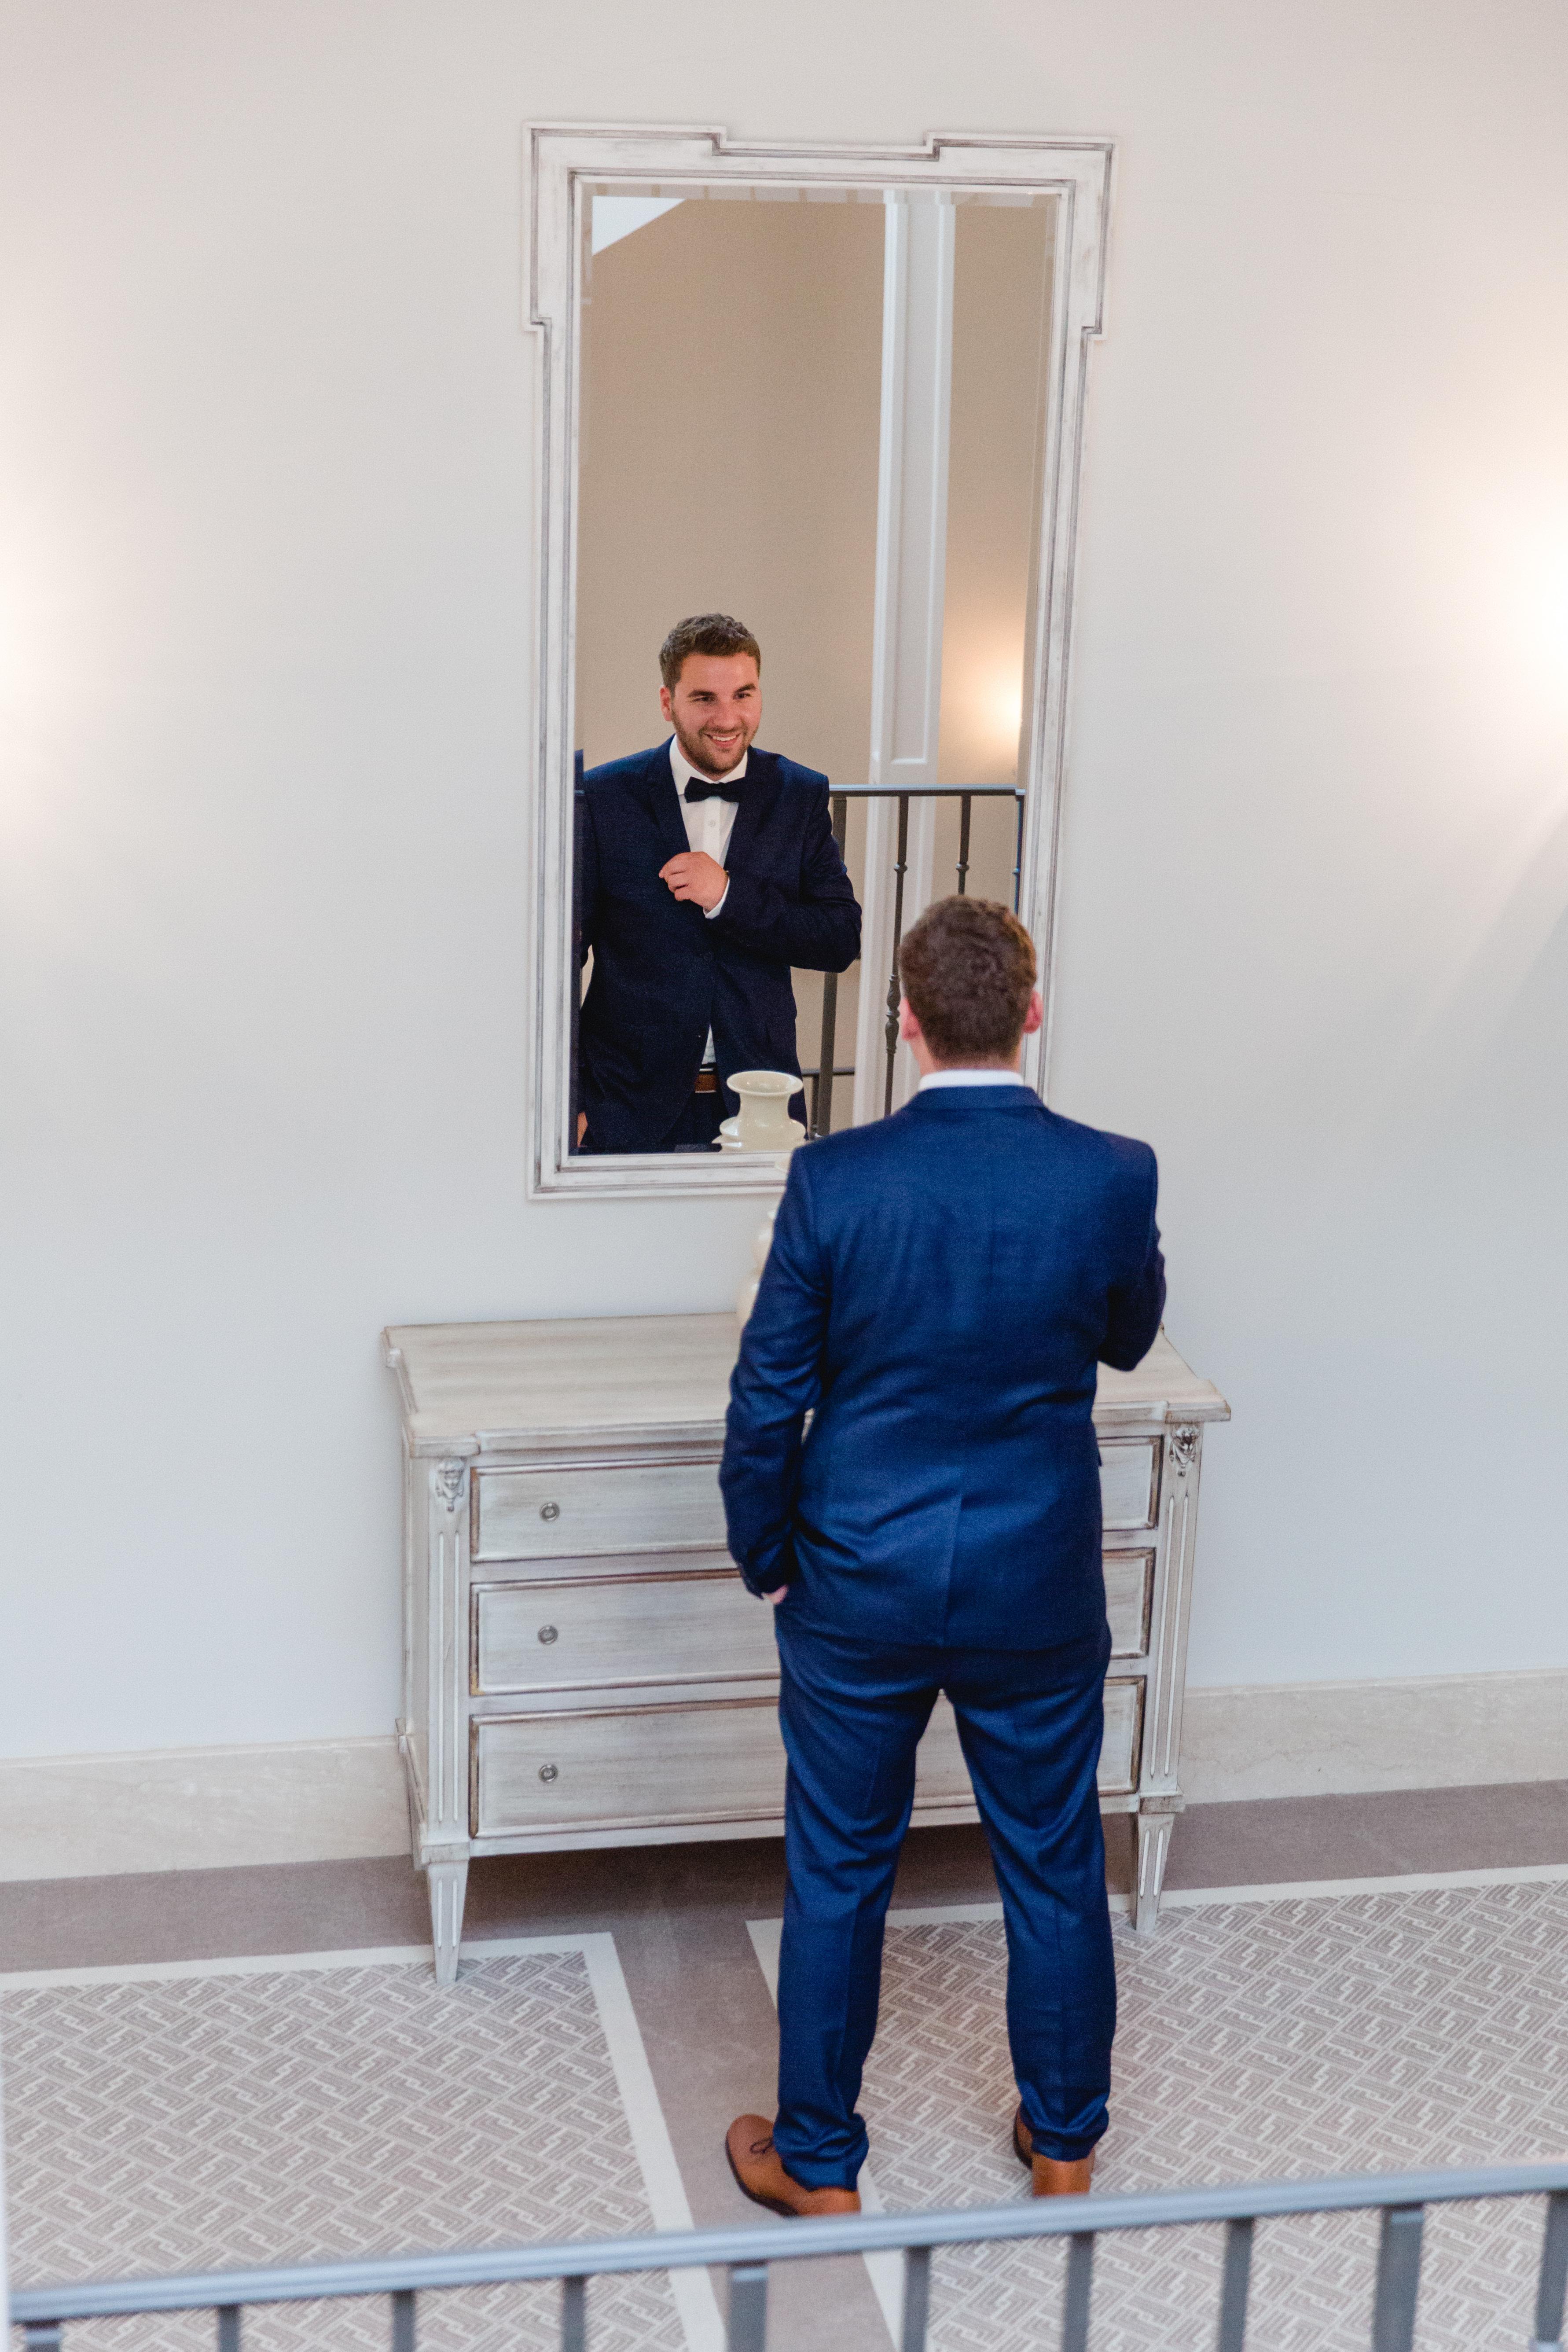 Vorbereitungen des Bräutigams für die Trauung.